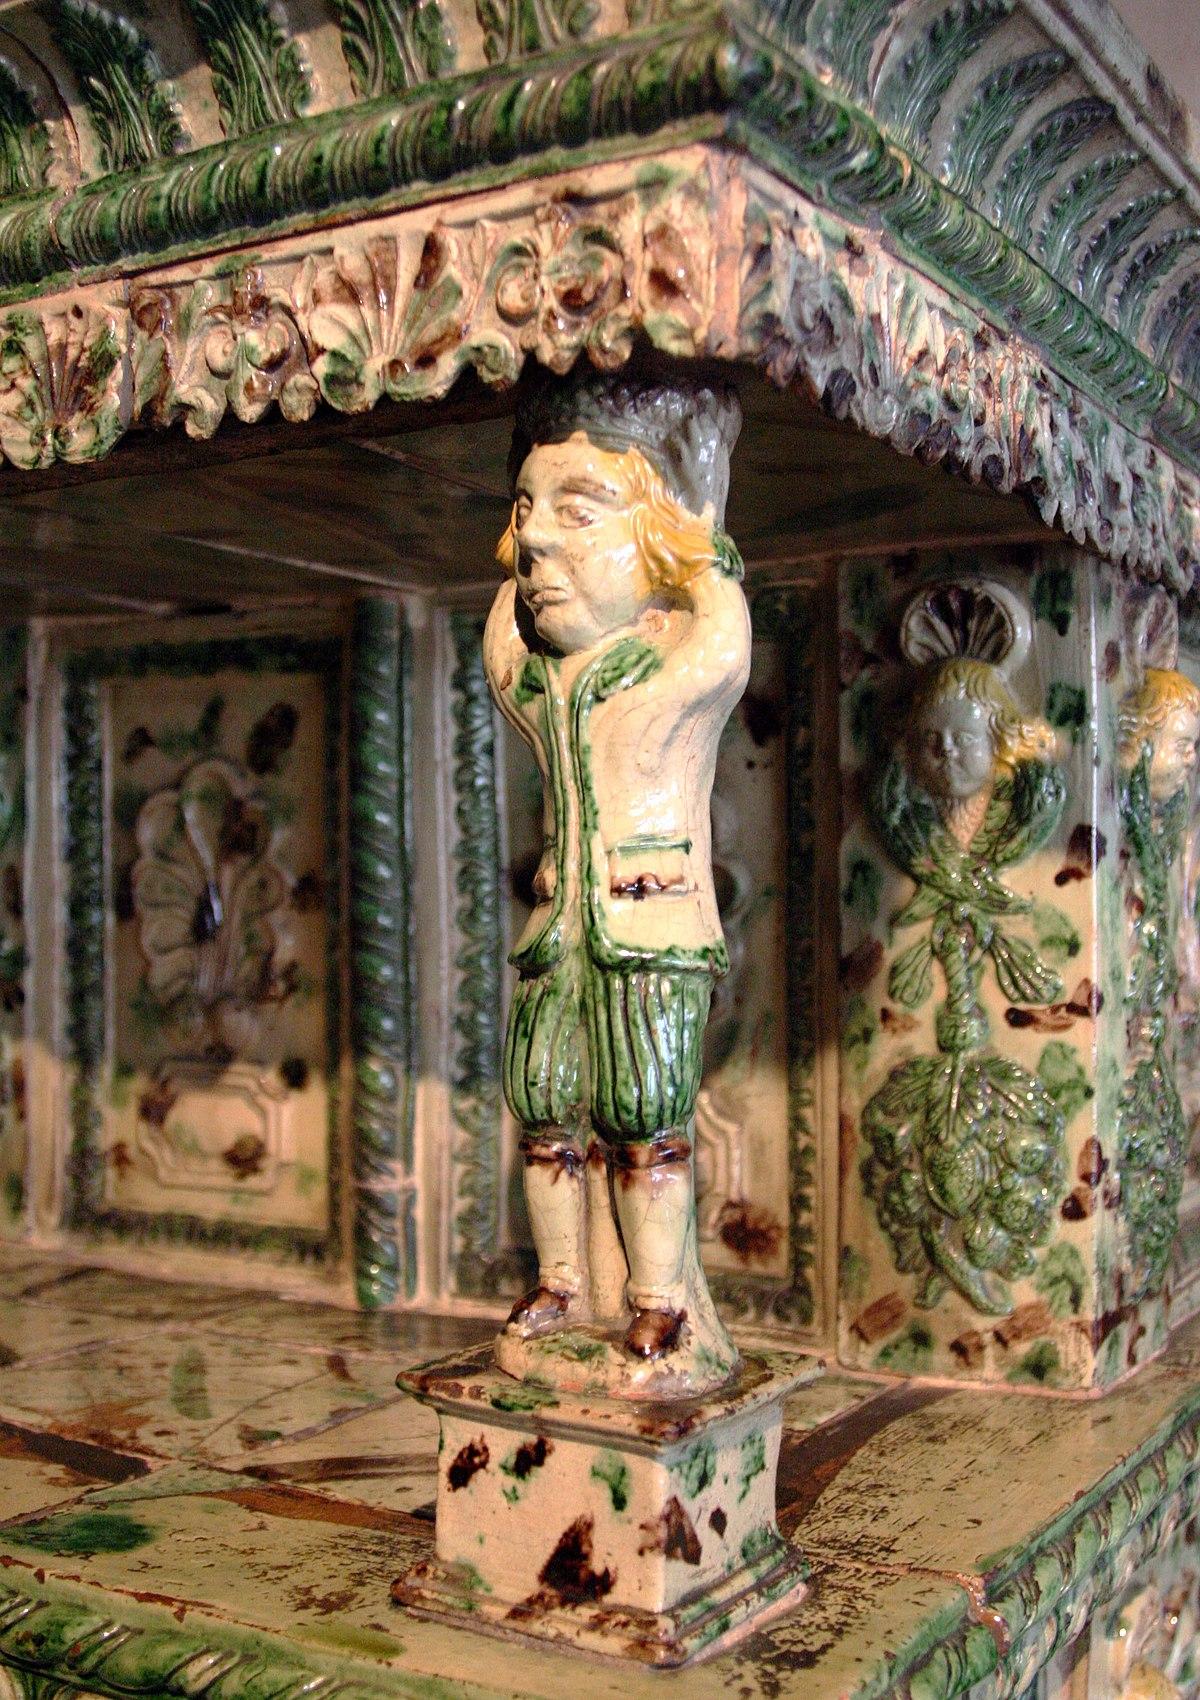 Poele En Faience Alsacien file:poêle en faïence-musée alsacien de strasbourg (1)